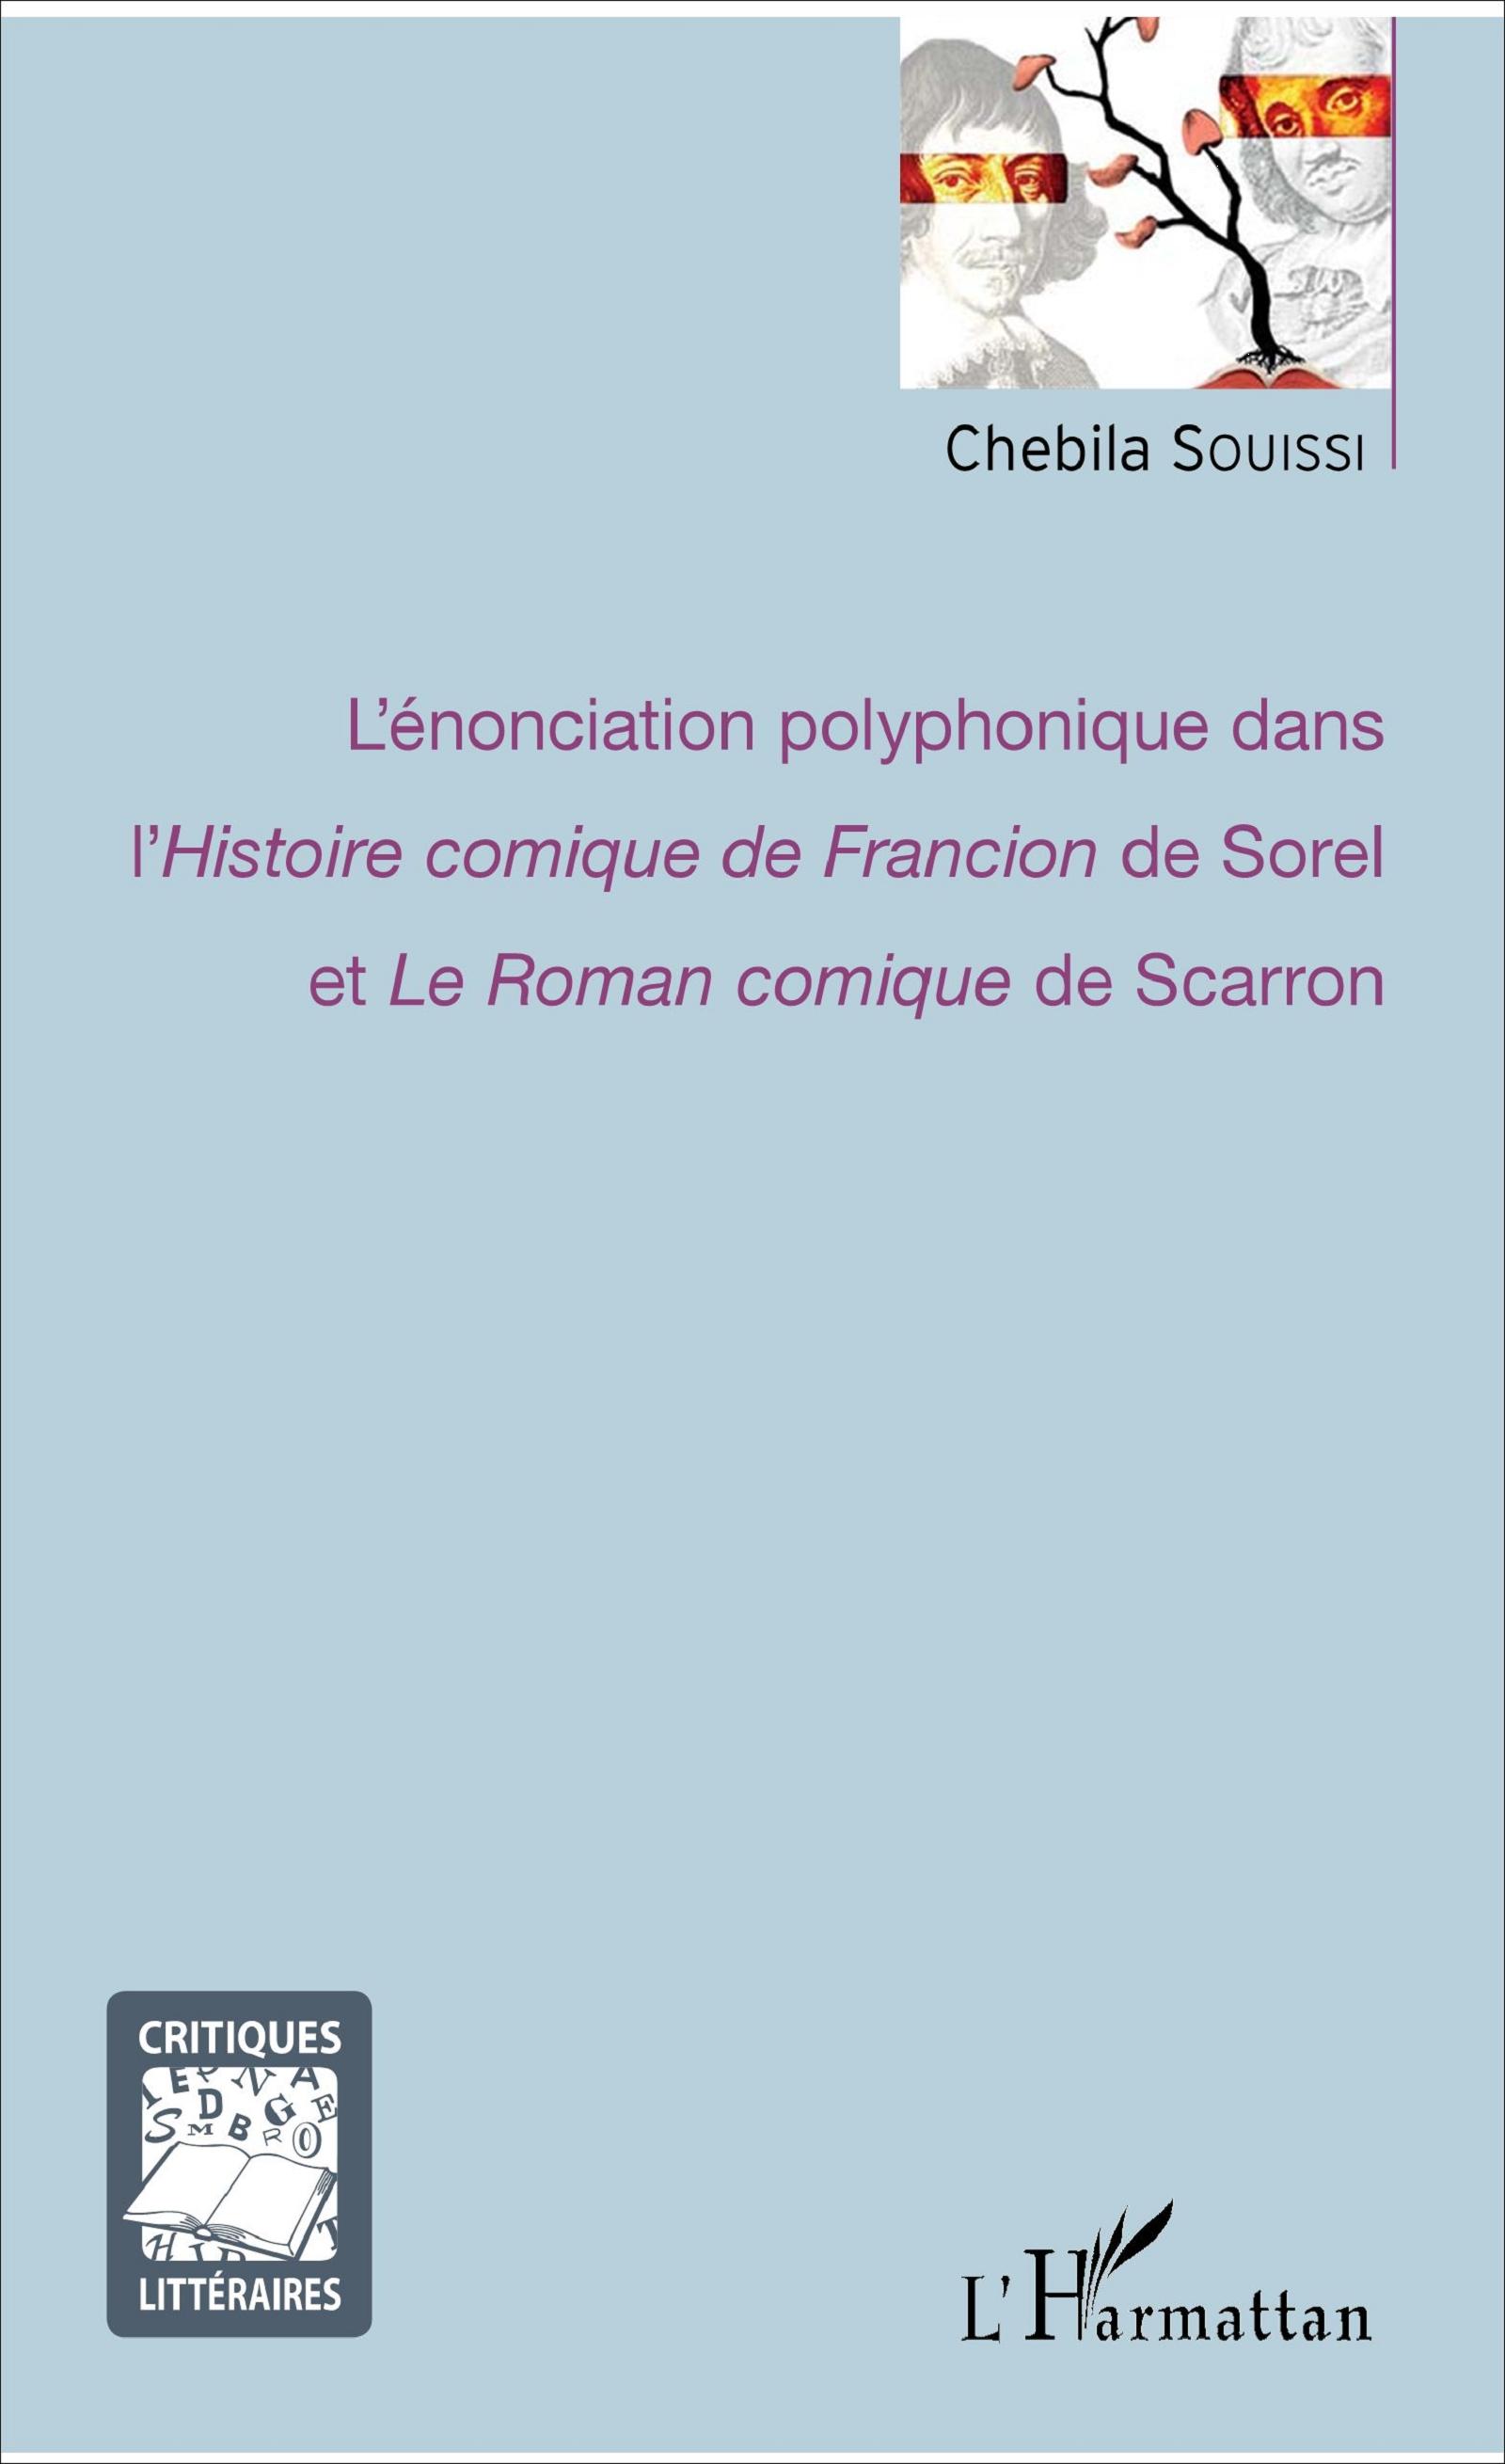 C. Souissi, L'Enonciation polyphonique dans l'Histoire comique de Francion de Sorel et Le Roman comique de Scarron